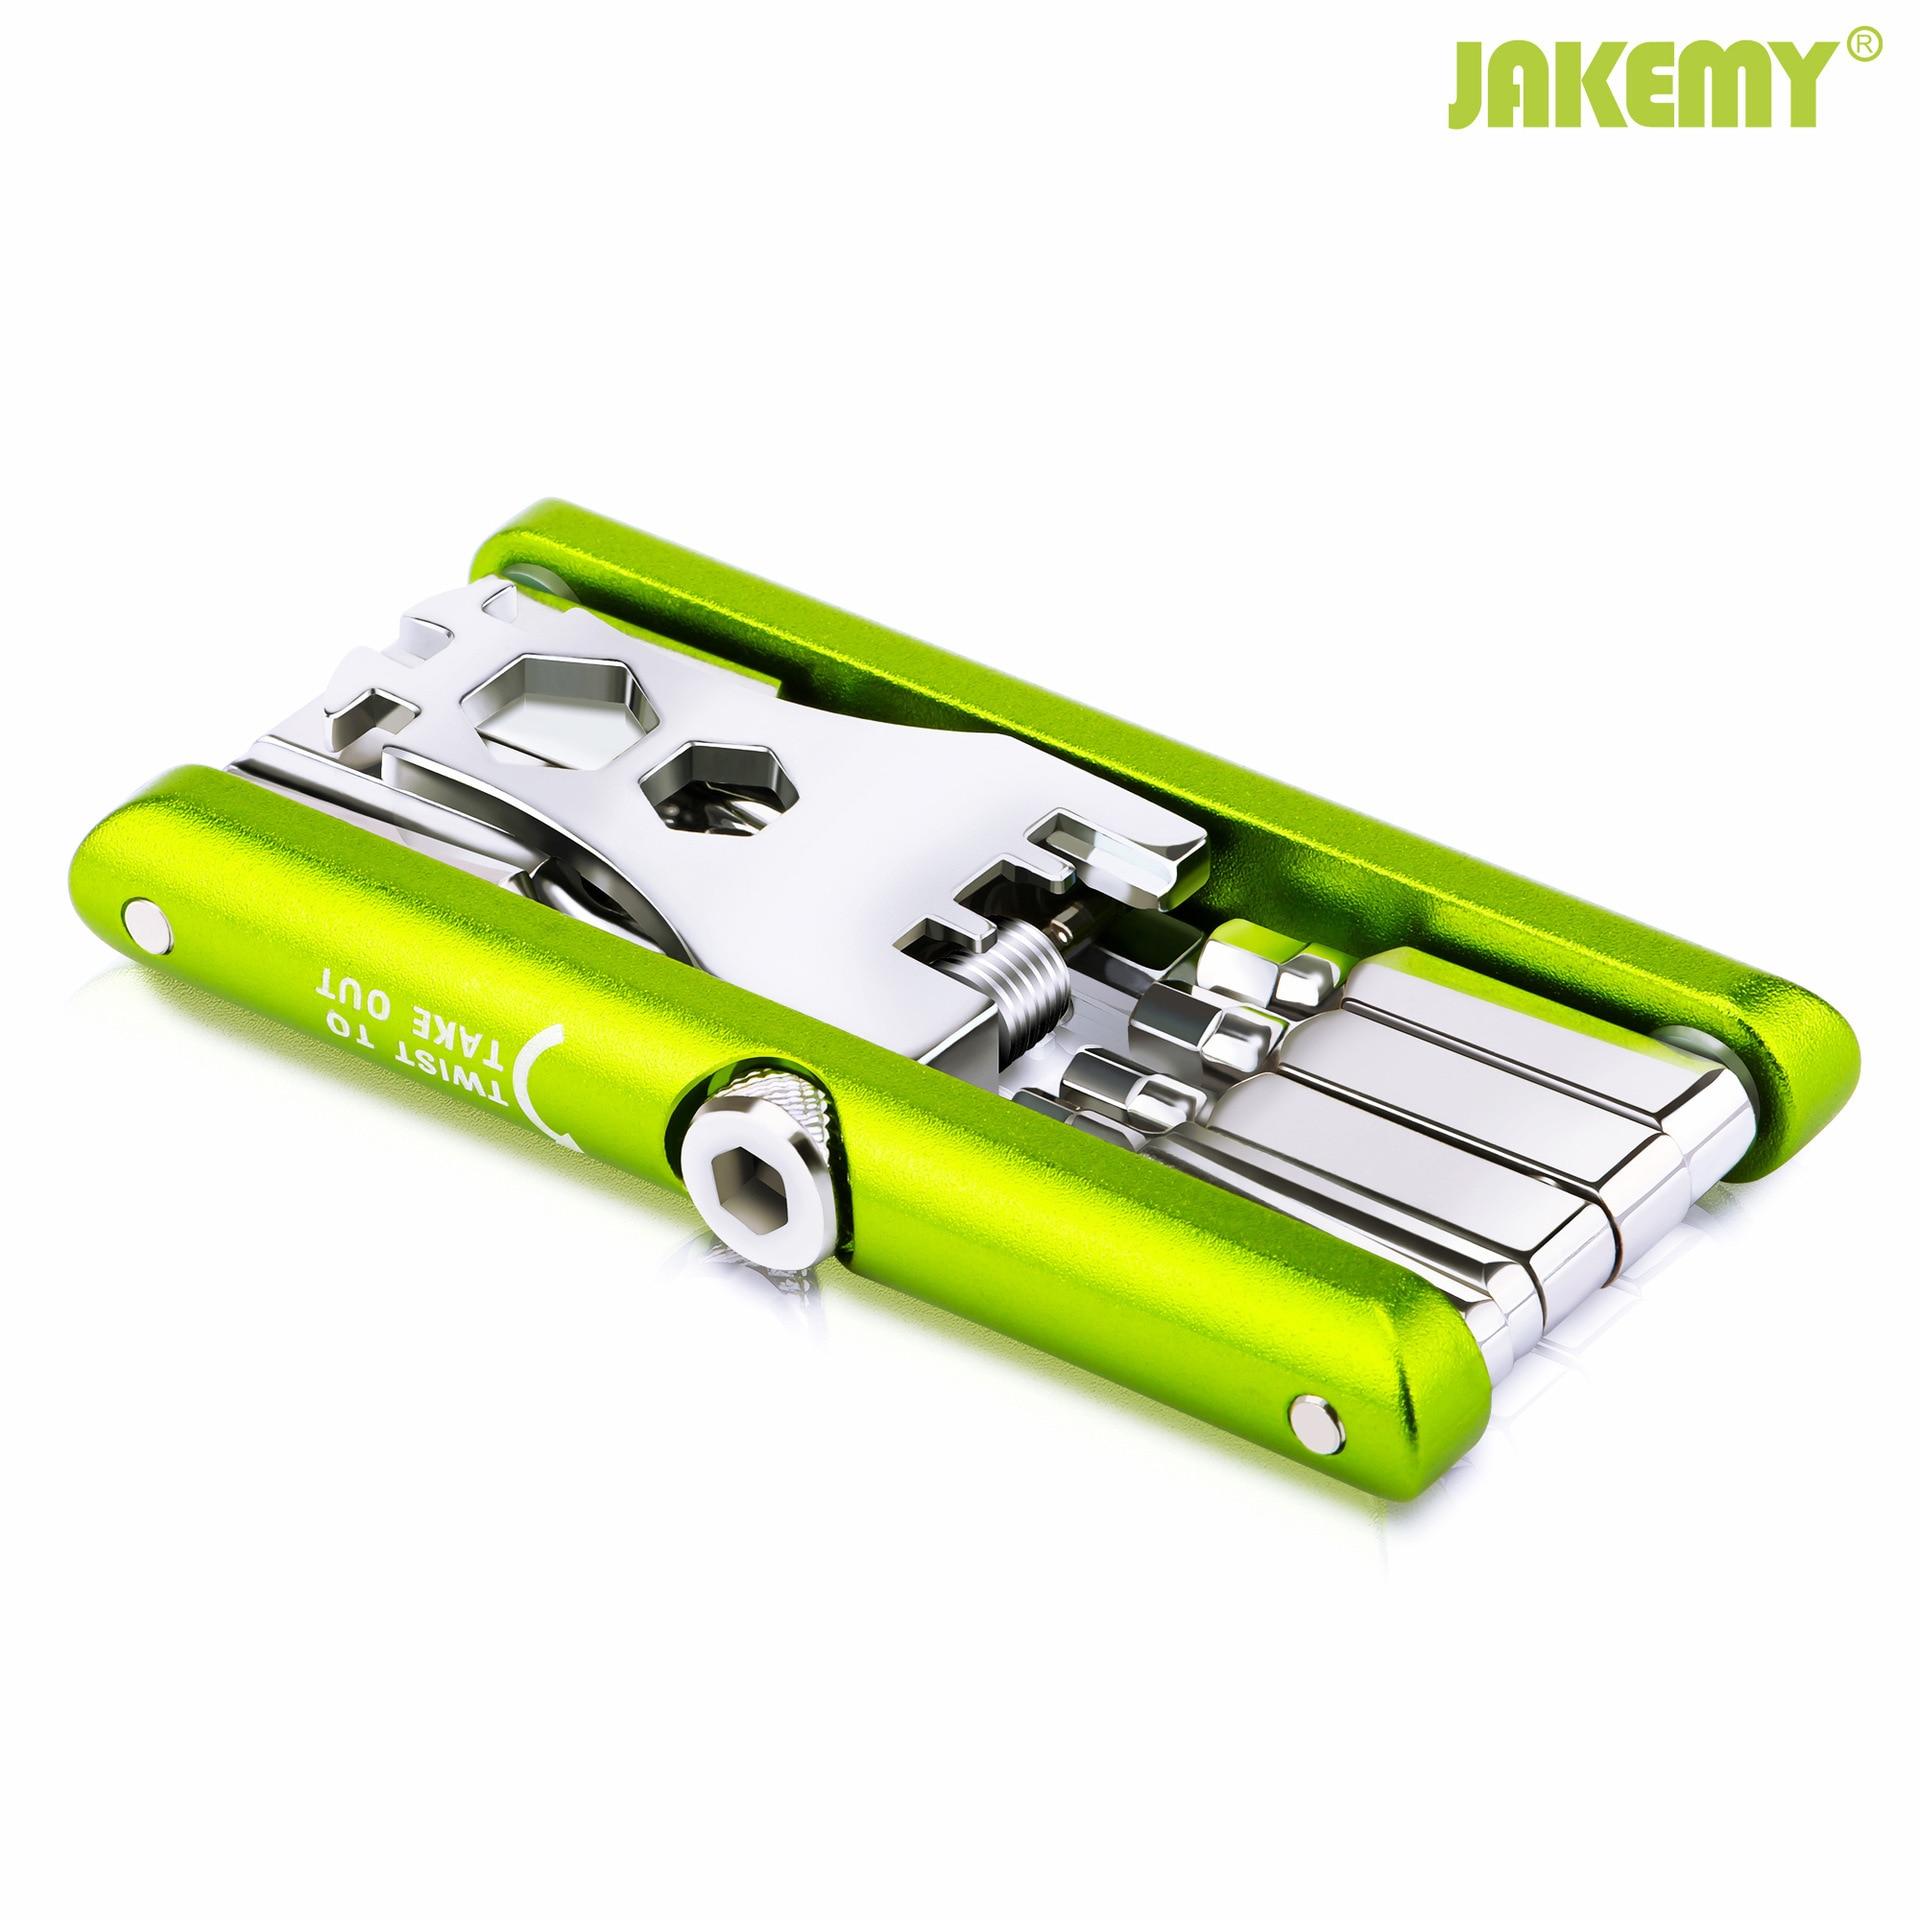 Professional Bicycle Repair Tool Set  Folding Tool Diy Pocket Screwdriver For Bike